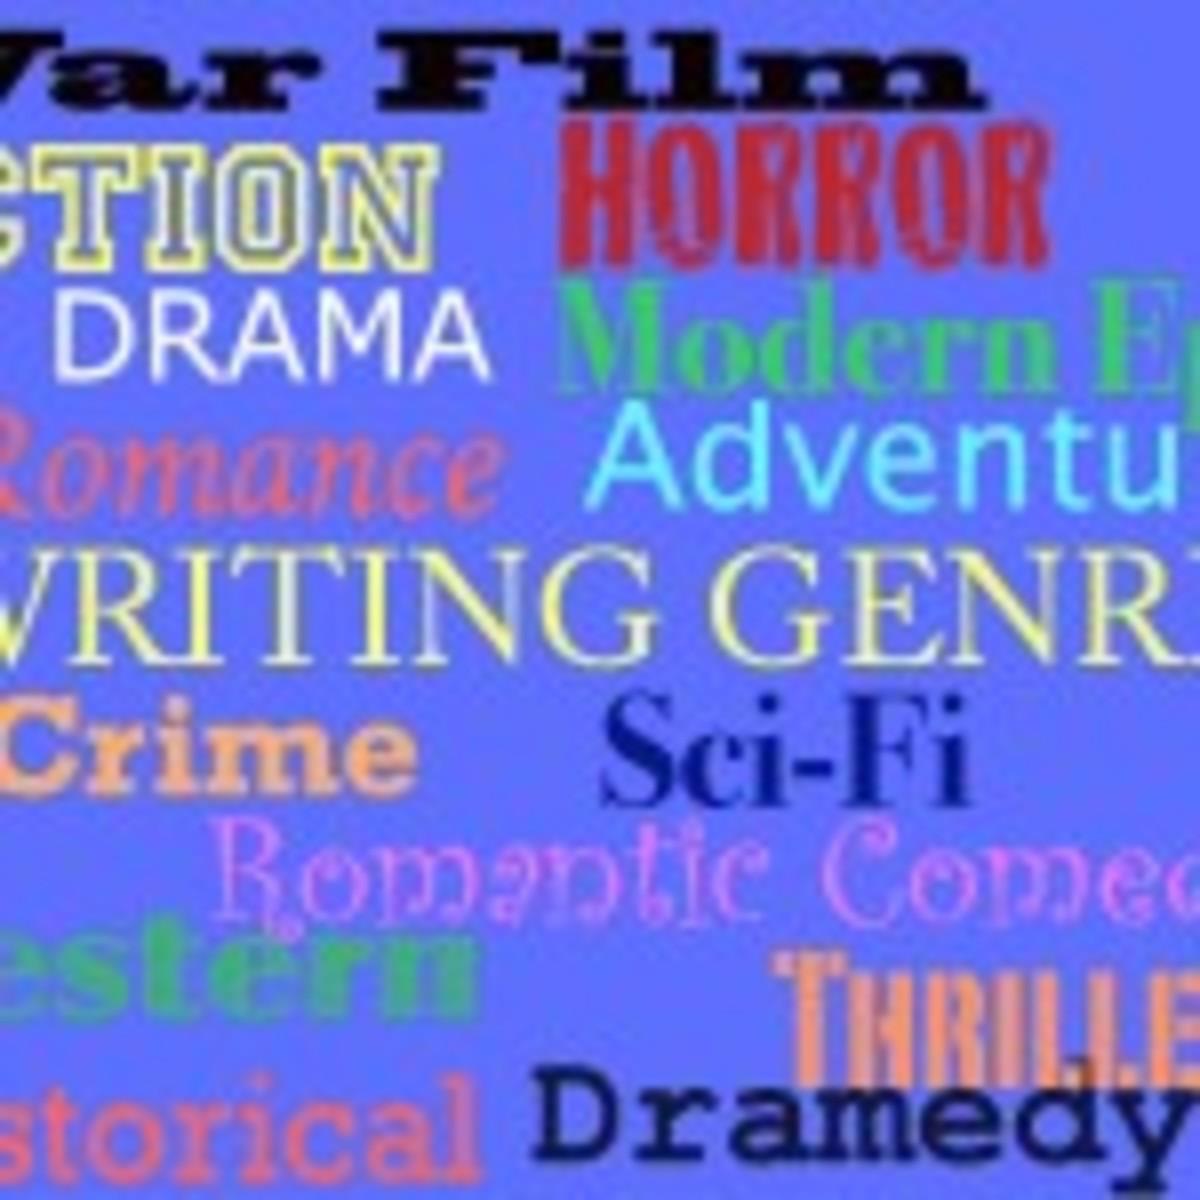 writing genres 2